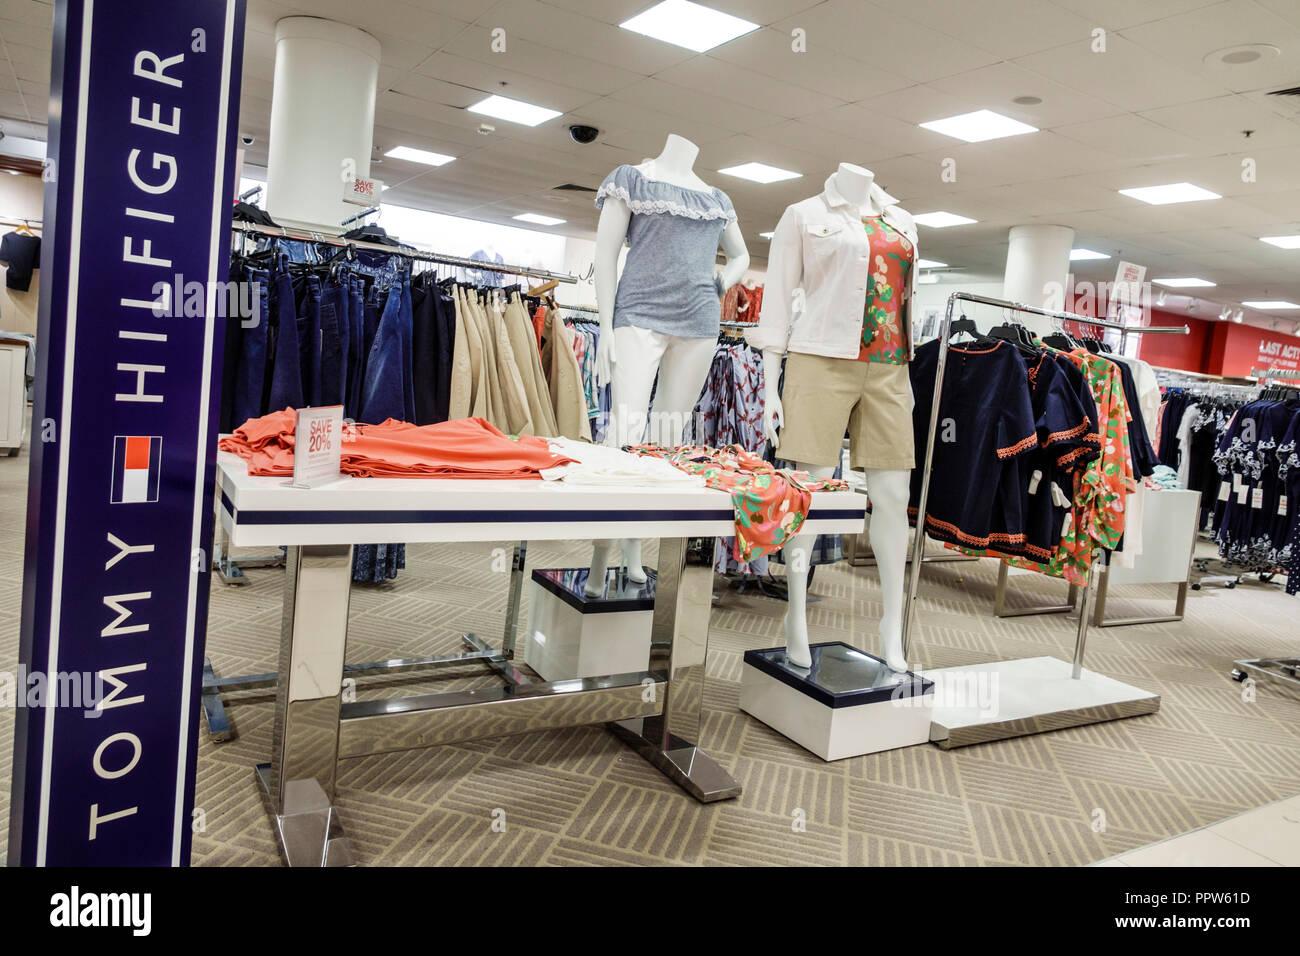 2c0ed920d7 Floride Miami Dadeland Mall Kendall shopping du grand magasin Macy's à l' intérieur de la vente d'affichage des mannequins de mode vêtements Tommy  Hilfiger